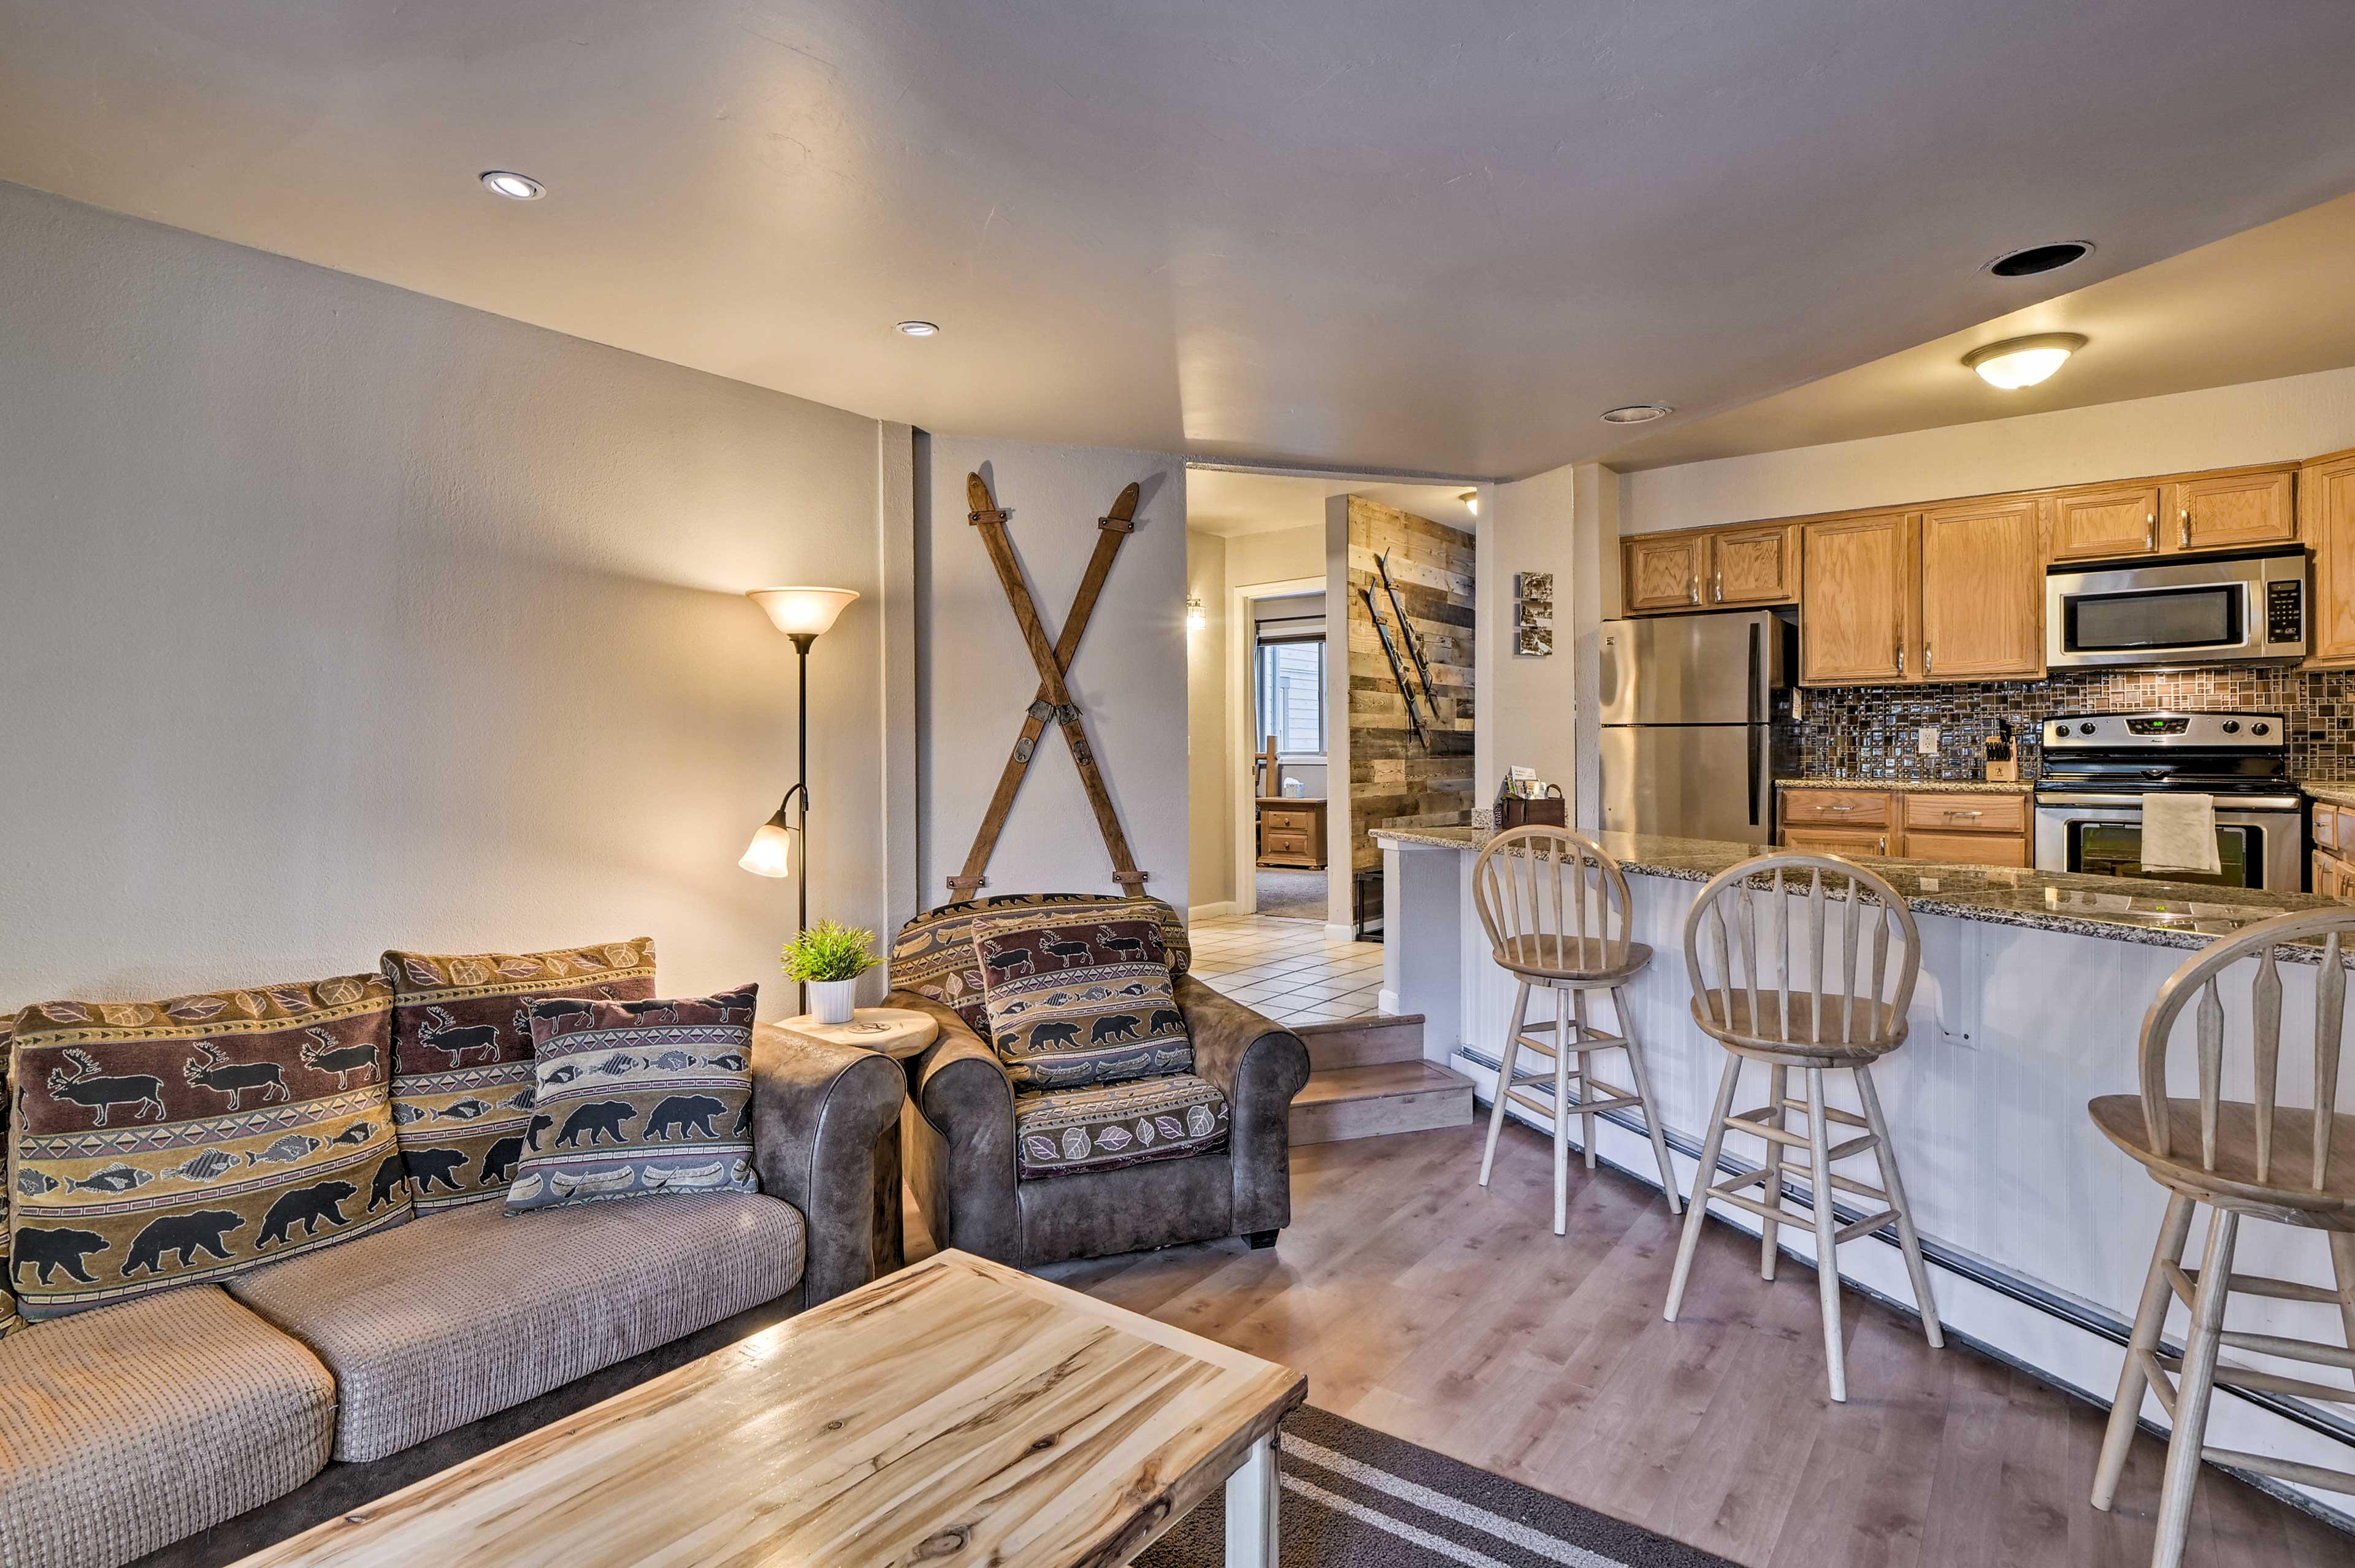 Breckenridge Vacation Rental   Condo   2BR   2BA   800 Sq Ft